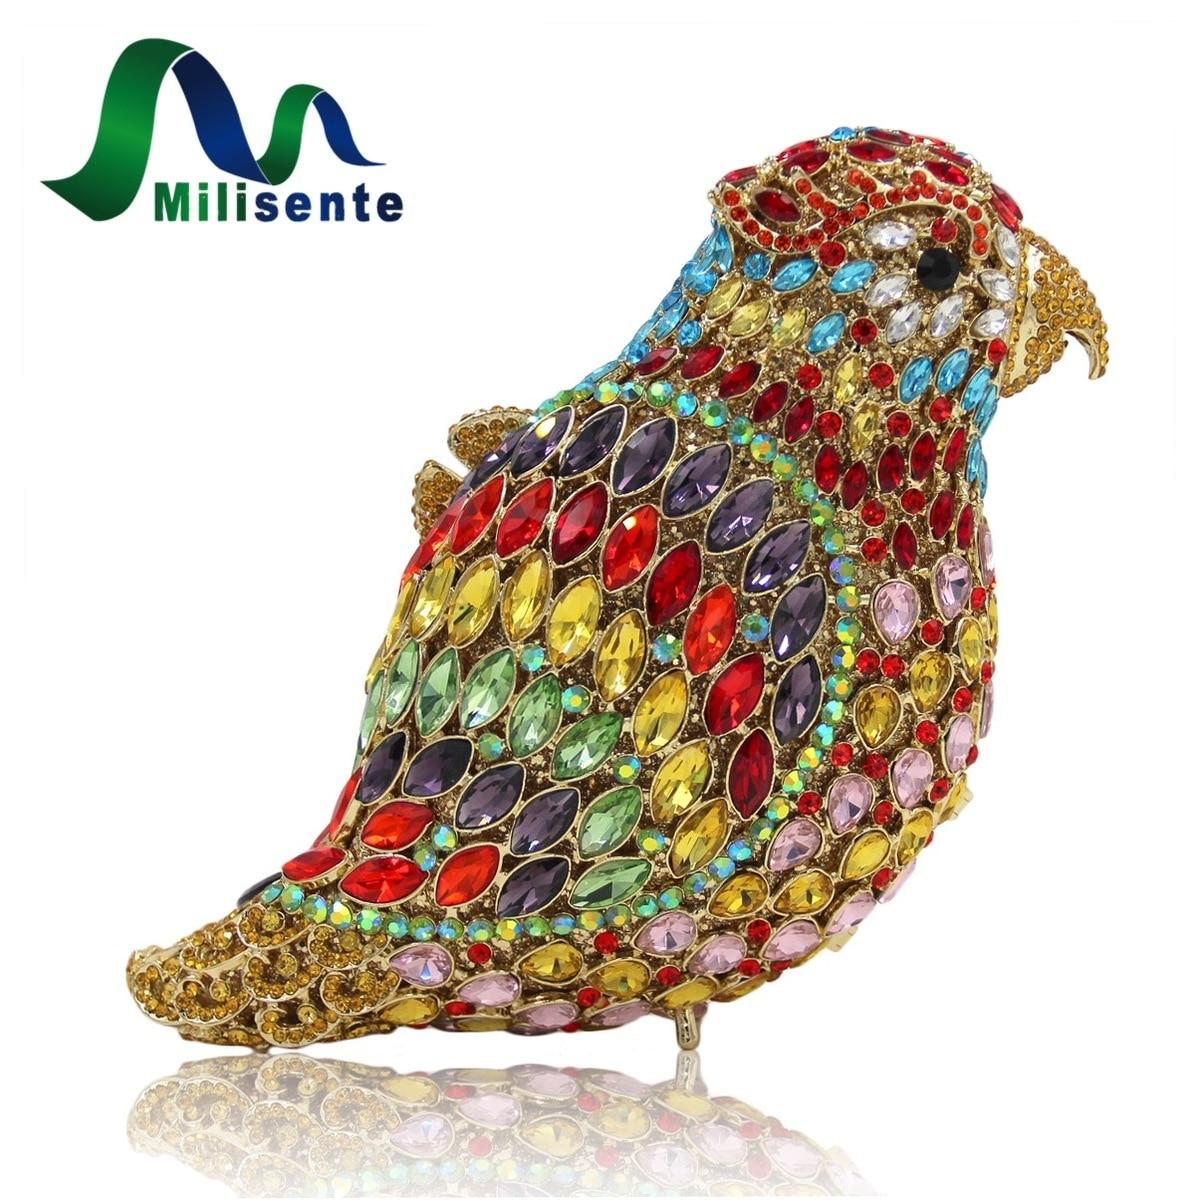 Milisente Loro de Cristal Bolso de Noche Multi Oro Pájaro Bolso de Lujo de la Se